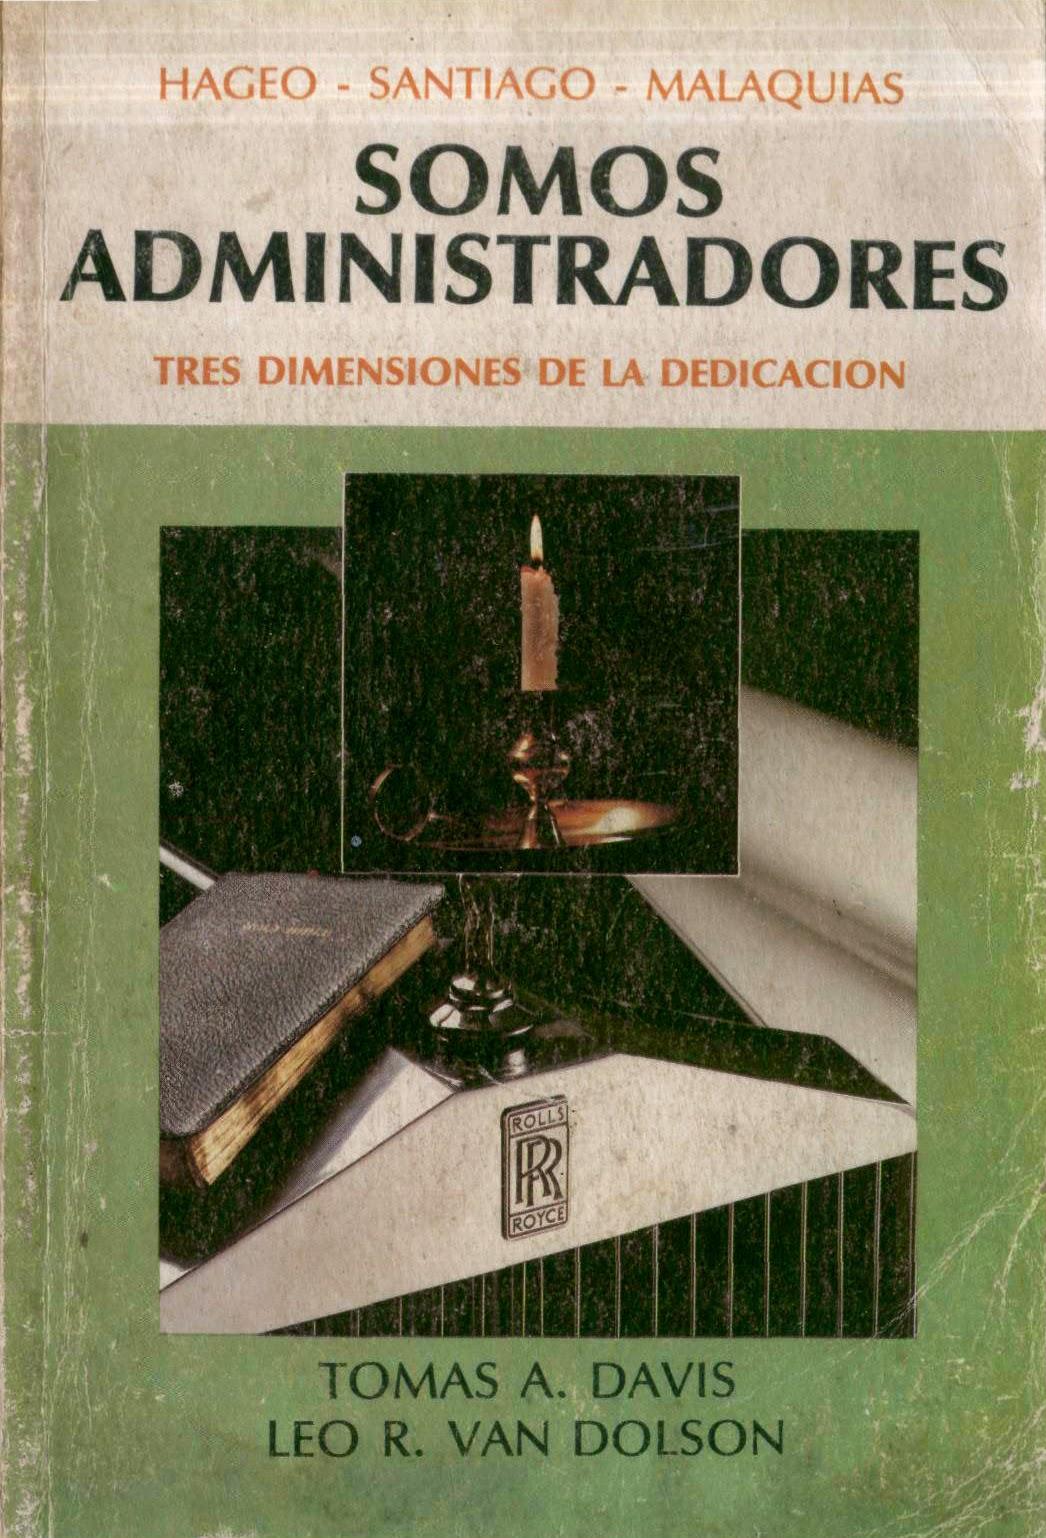 Tomas A. Davis y Leo R. Van Dolson-Somos Administradores-